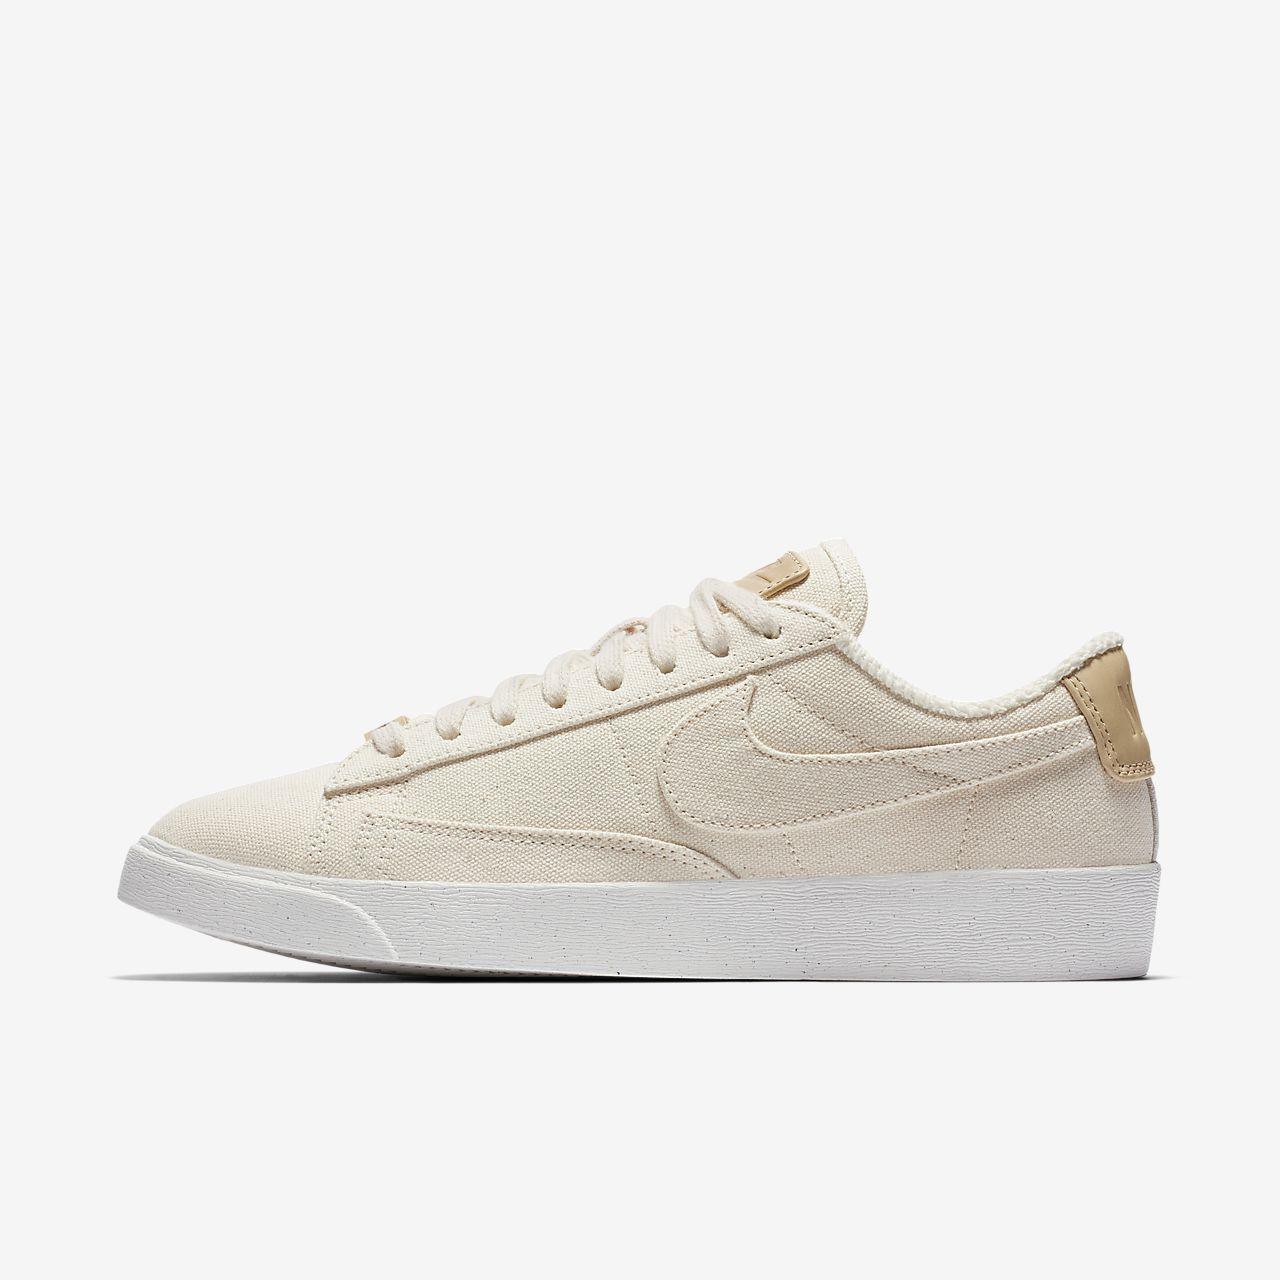 Nike Blazer Low LX女子运动鞋